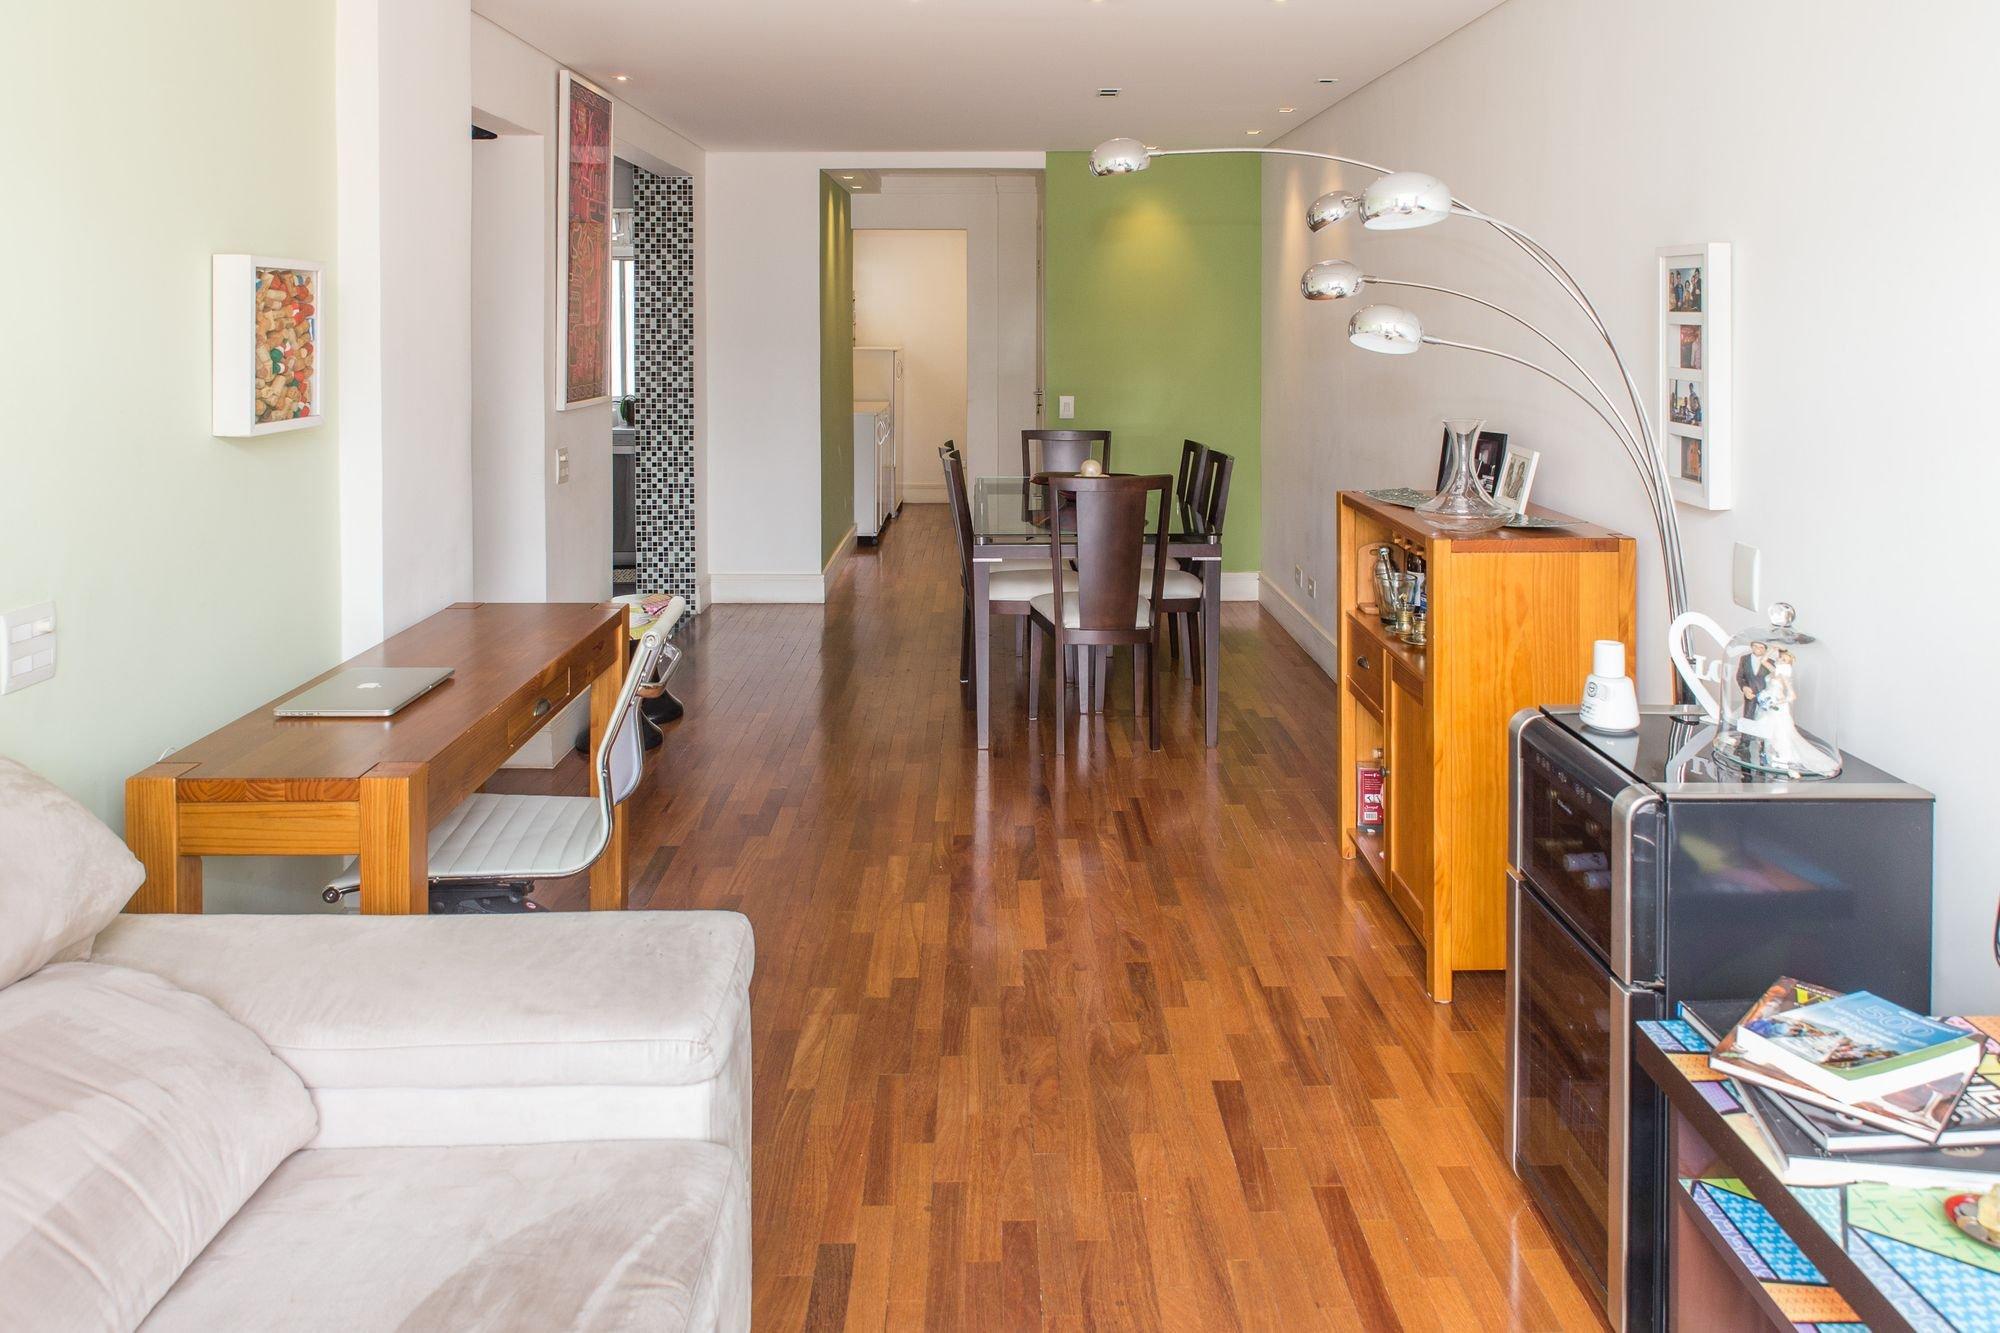 Foto de Sala com sofá, garrafa, forno, banco, cadeira, livro